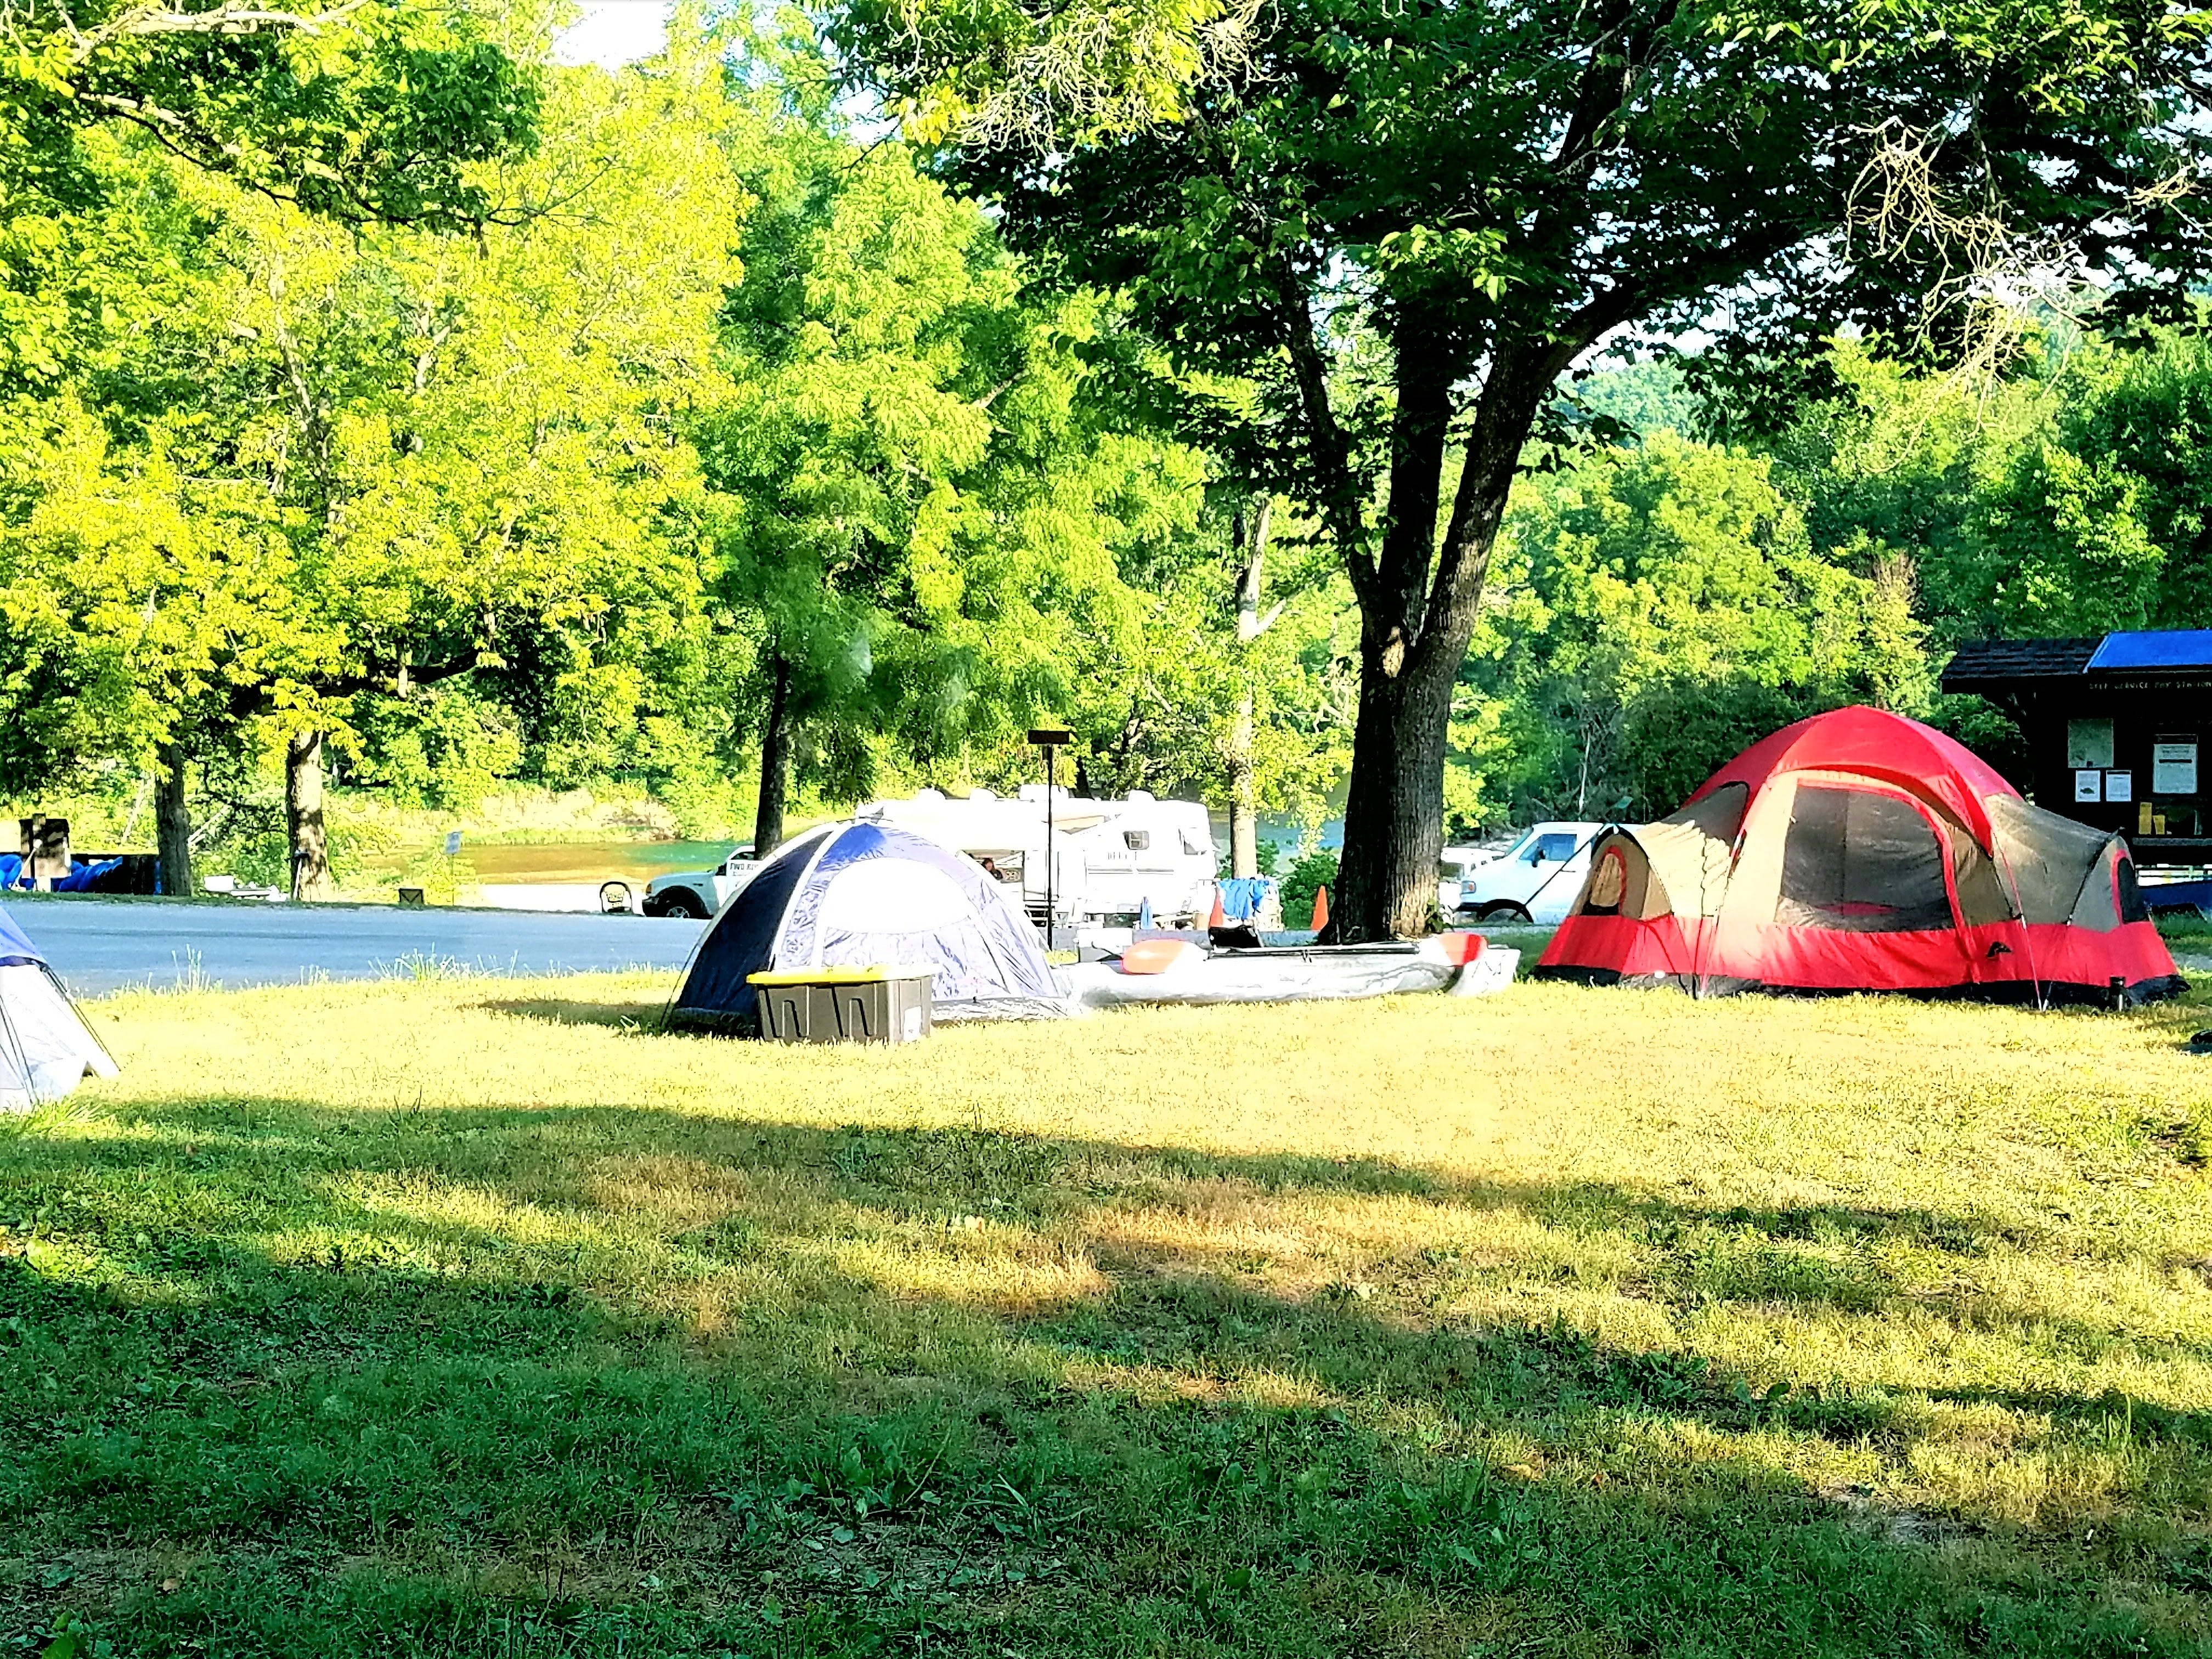 【予約不要】吹上高原キャンプ場で広々のんびりキャンプを楽しもう